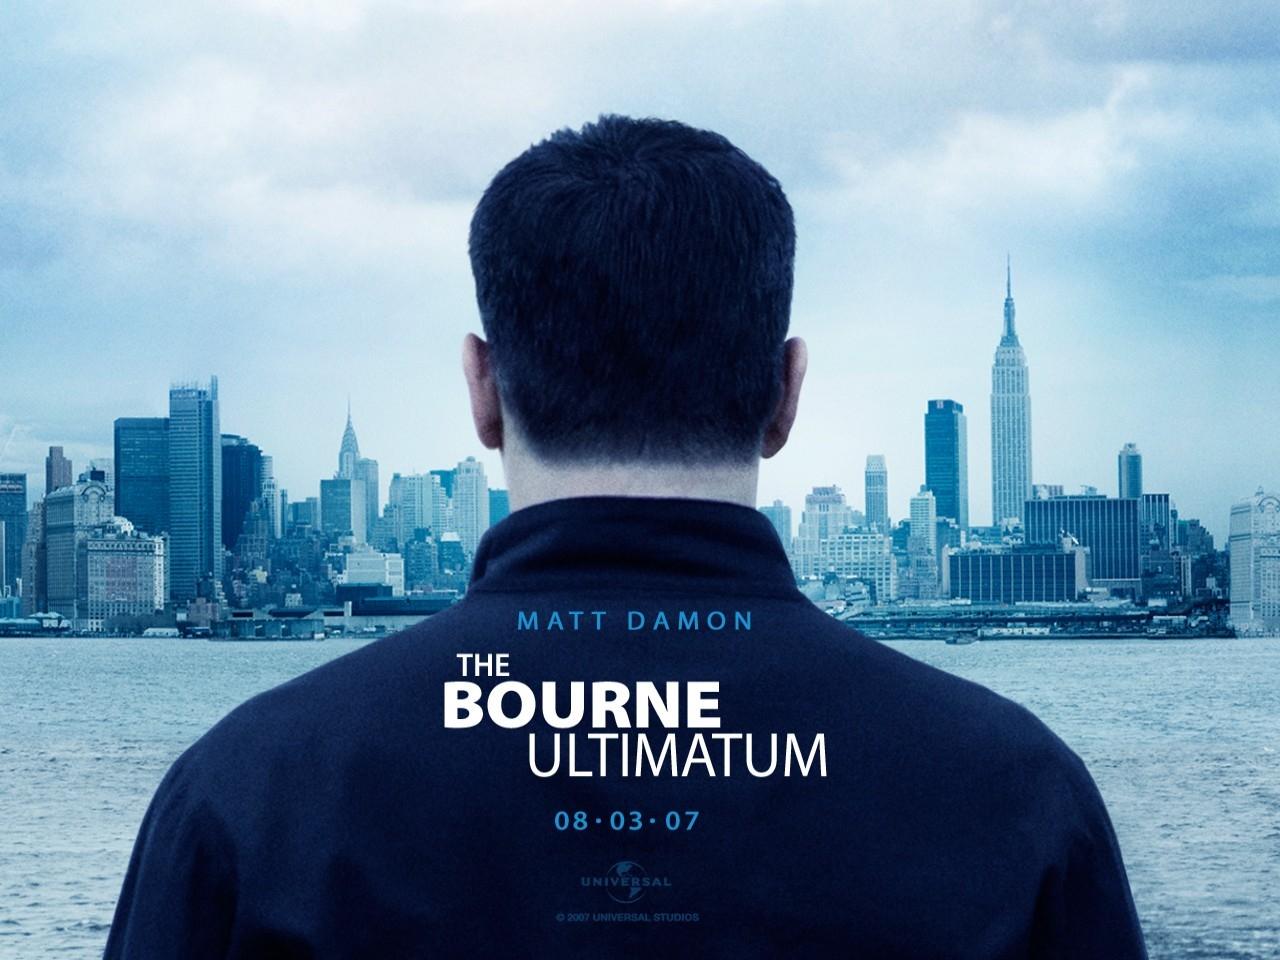 Wallpaper del film The Bourne Ultimatum con Matt Damon di spalle